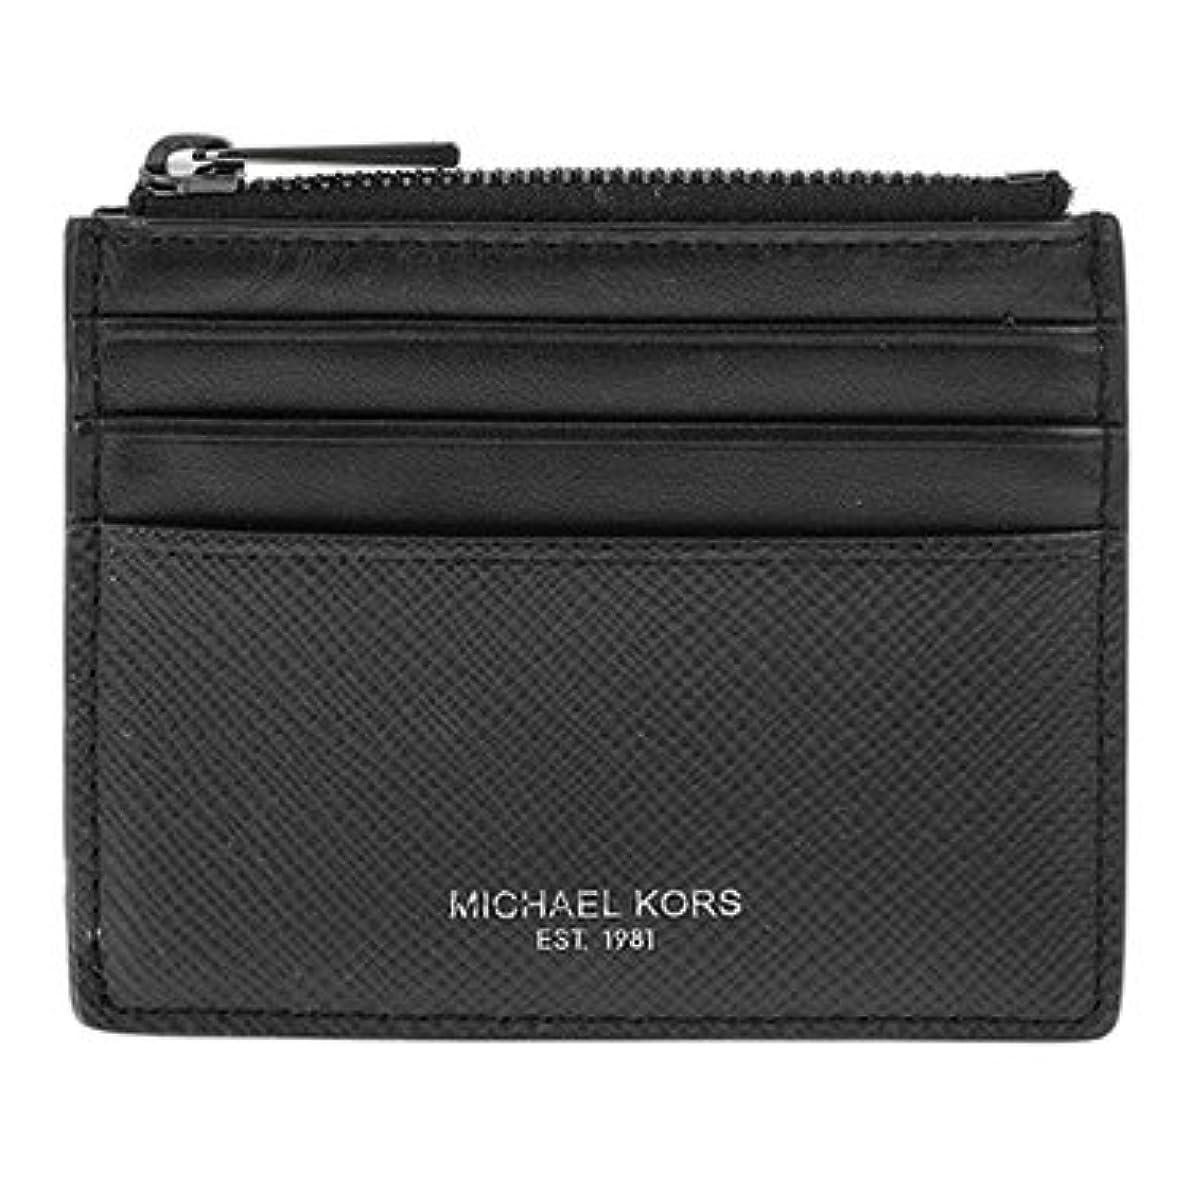 費やす残基不幸(マイケルコース)MICHAEL KORS カードケース HARRISON 39F6LHRD6L 001 ブラック メンズ 取寄商品 [並行輸入品]